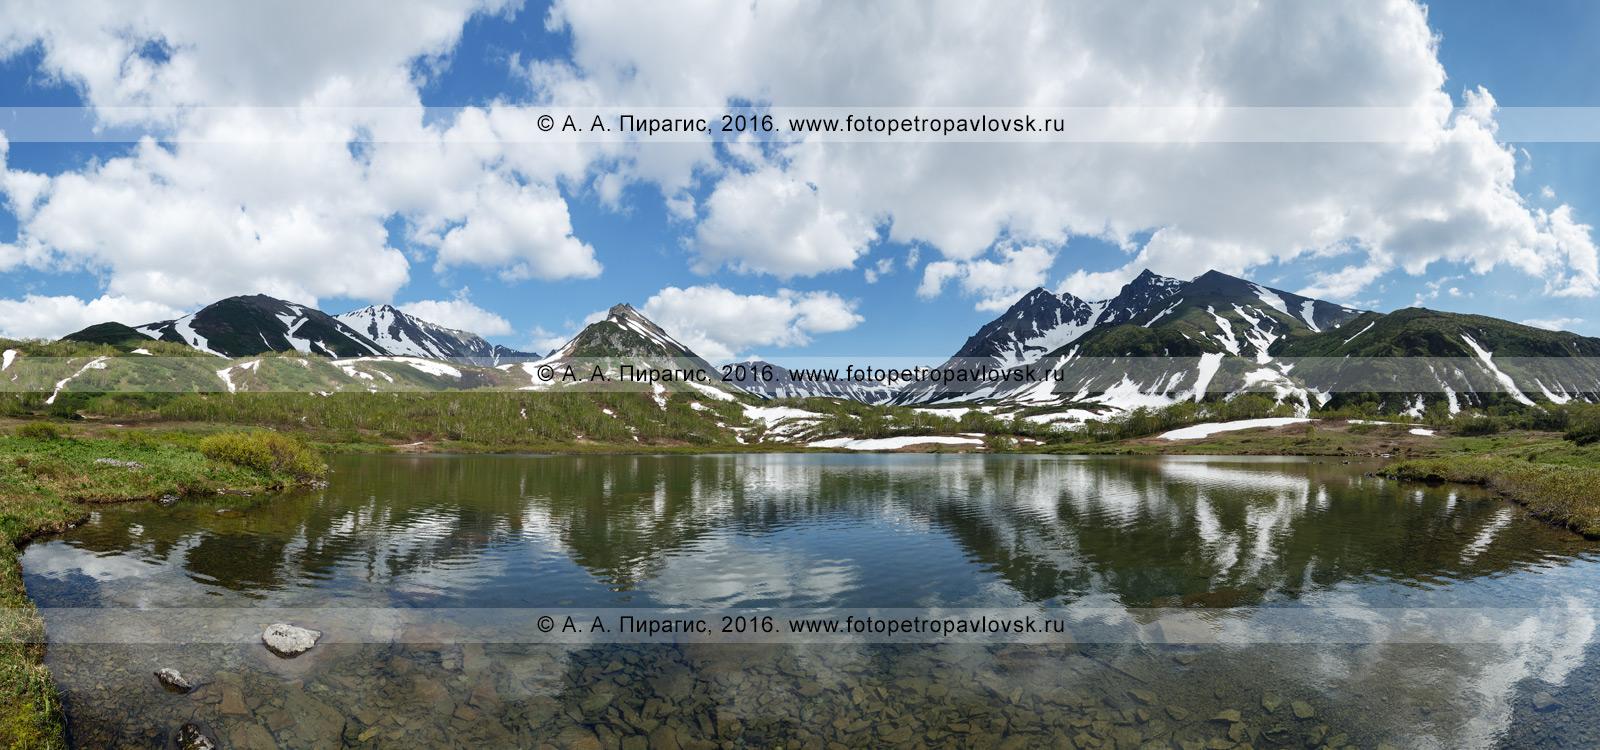 Горный массив Вачкажец, озеро Тахколоч